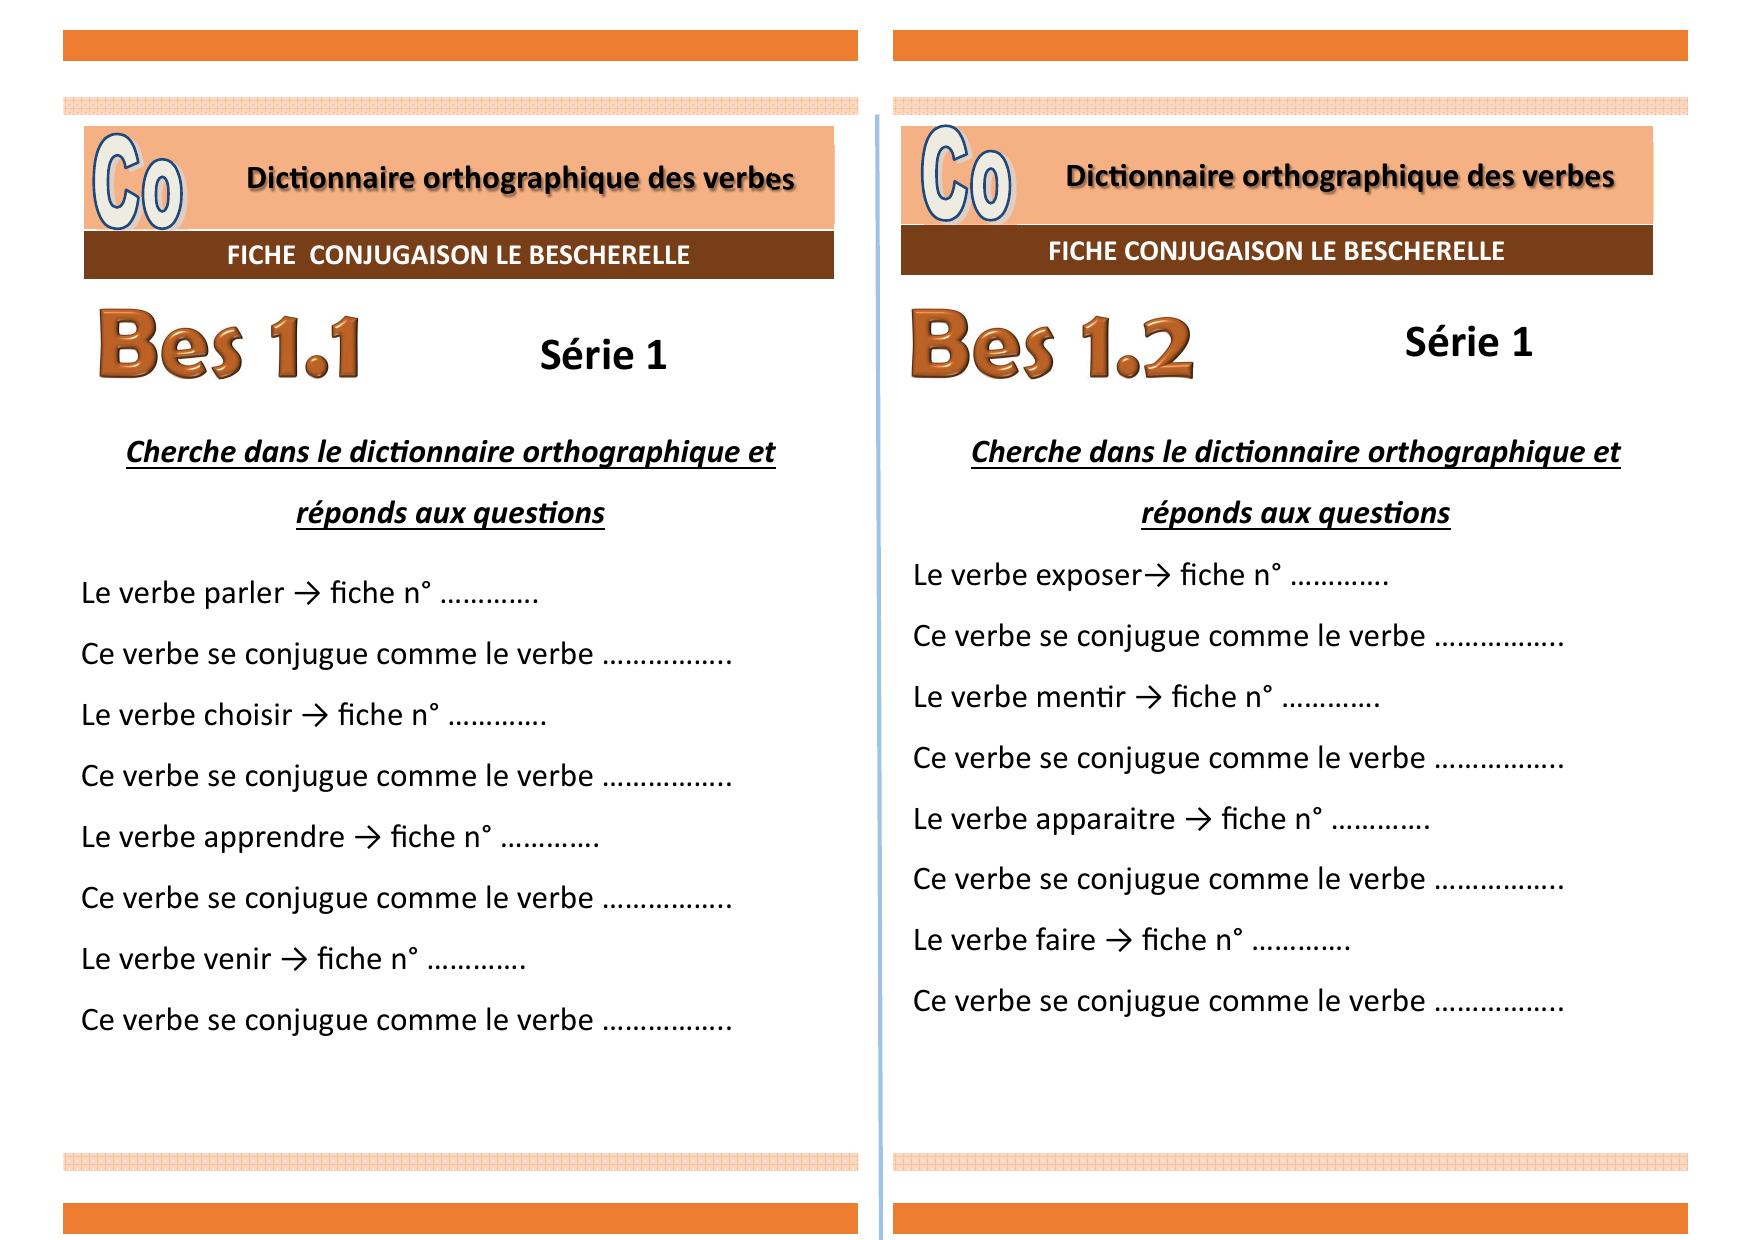 Fichier Serie 1 Bescherelle Dictionnaire